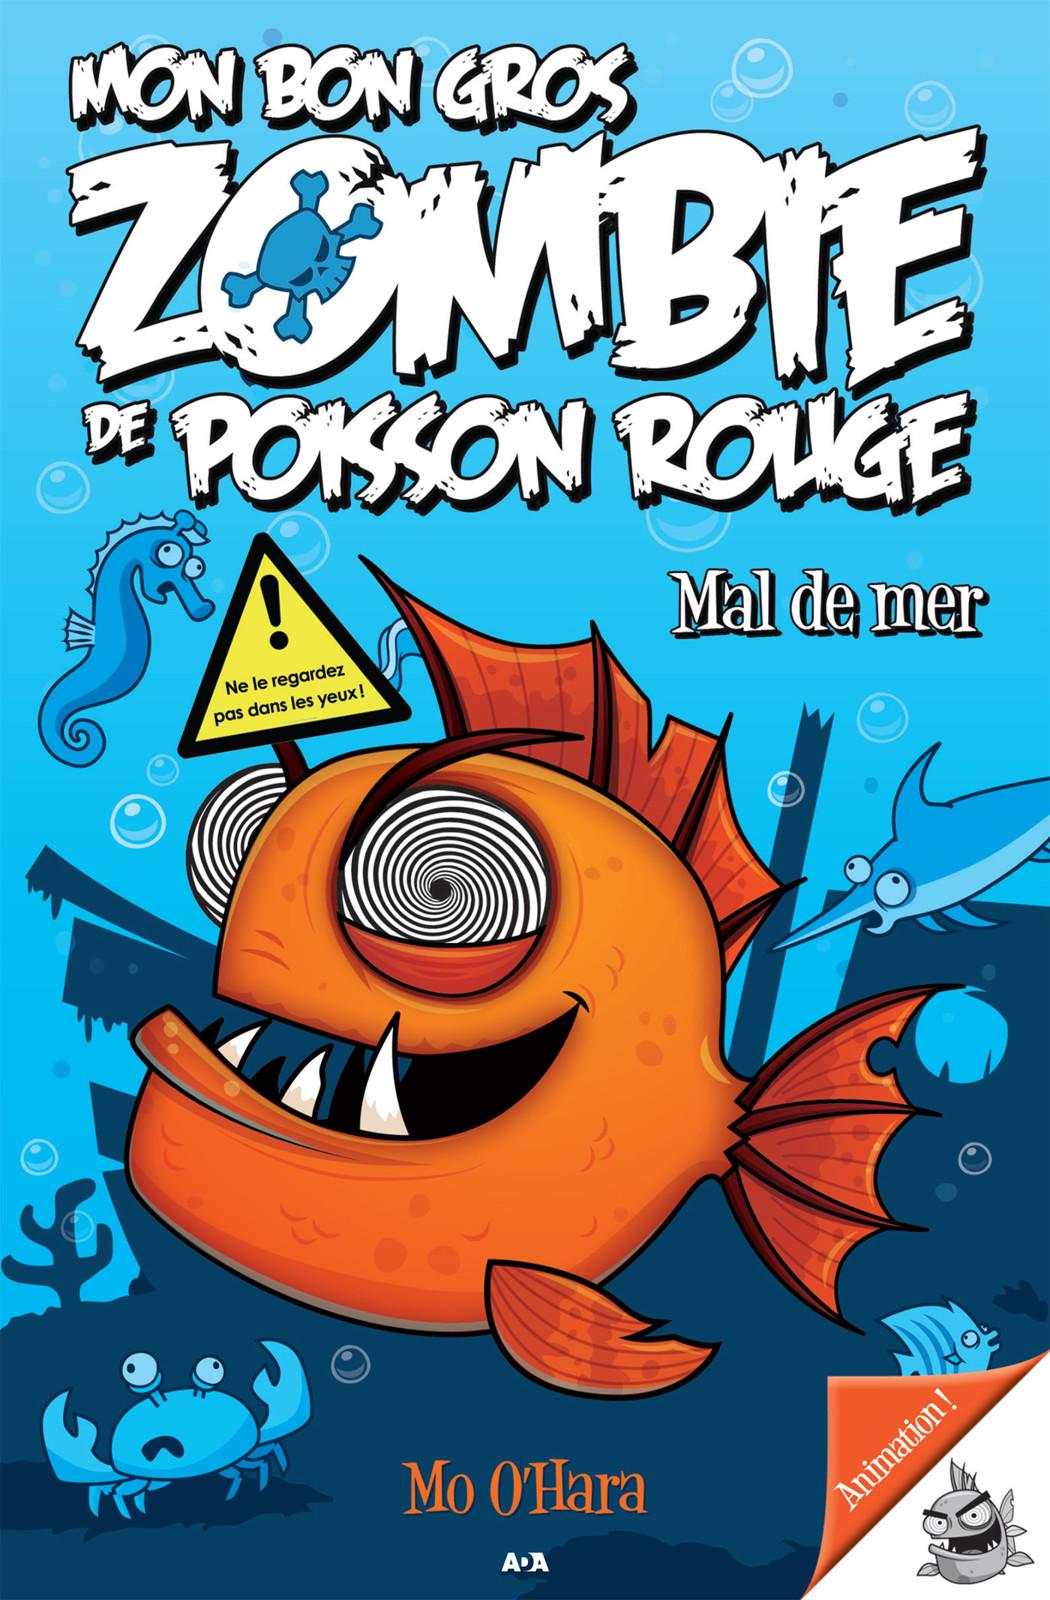 Mon bon gros zombie de poisson rouge